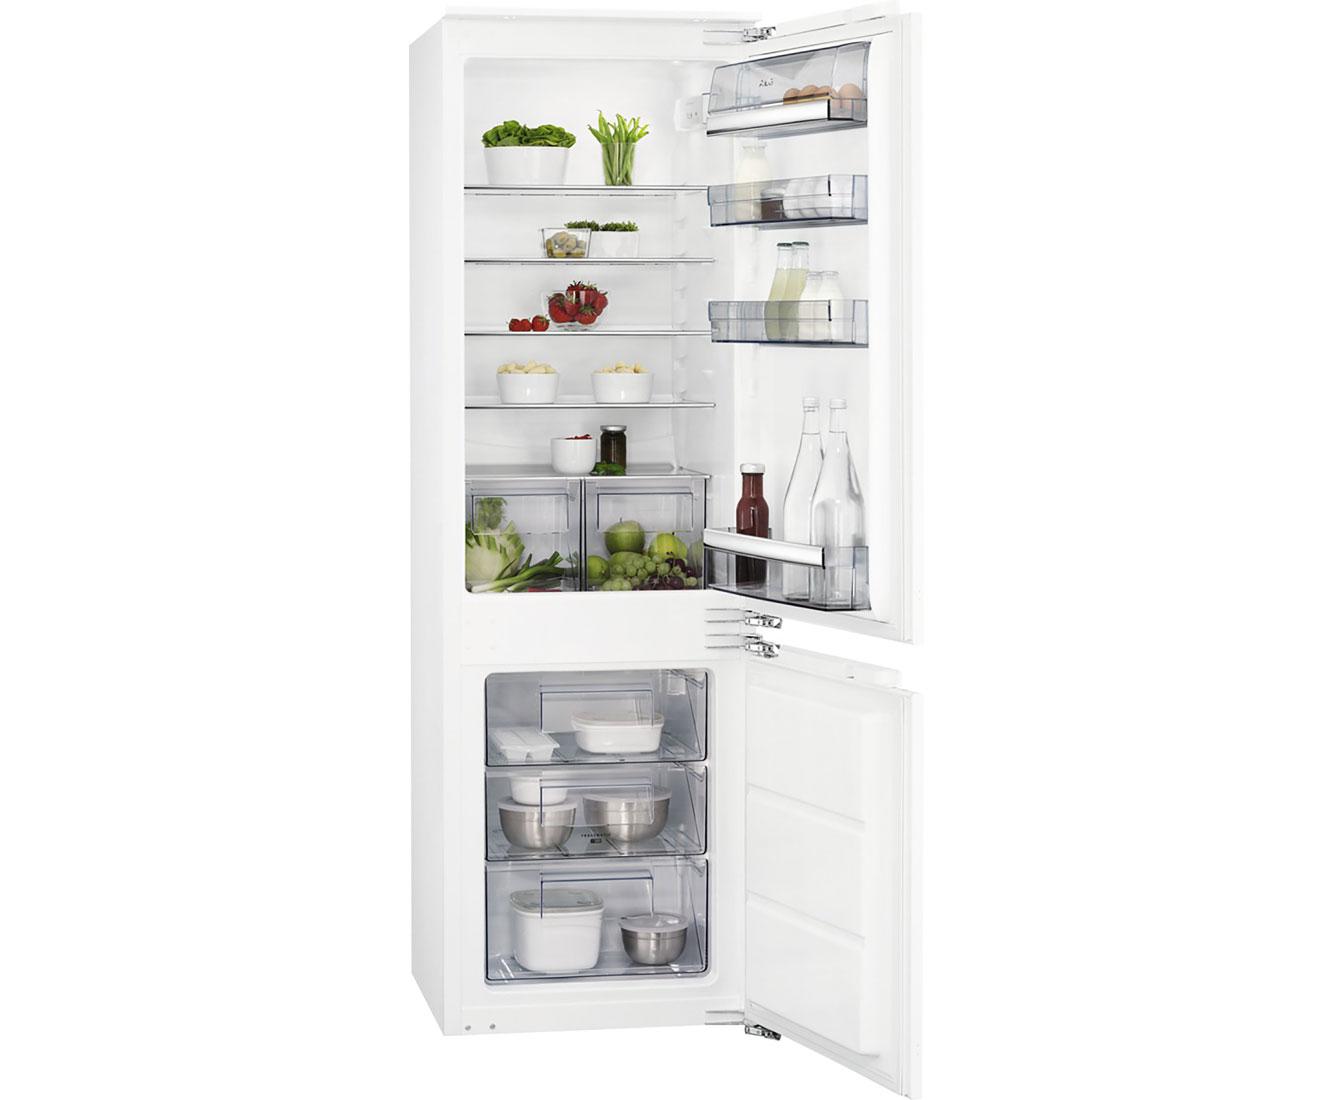 AEG SCB61821LF Kühl-Gefrierkombinationen - Weiß | Küche und Esszimmer > Küchenelektrogeräte | Weiß | AEG